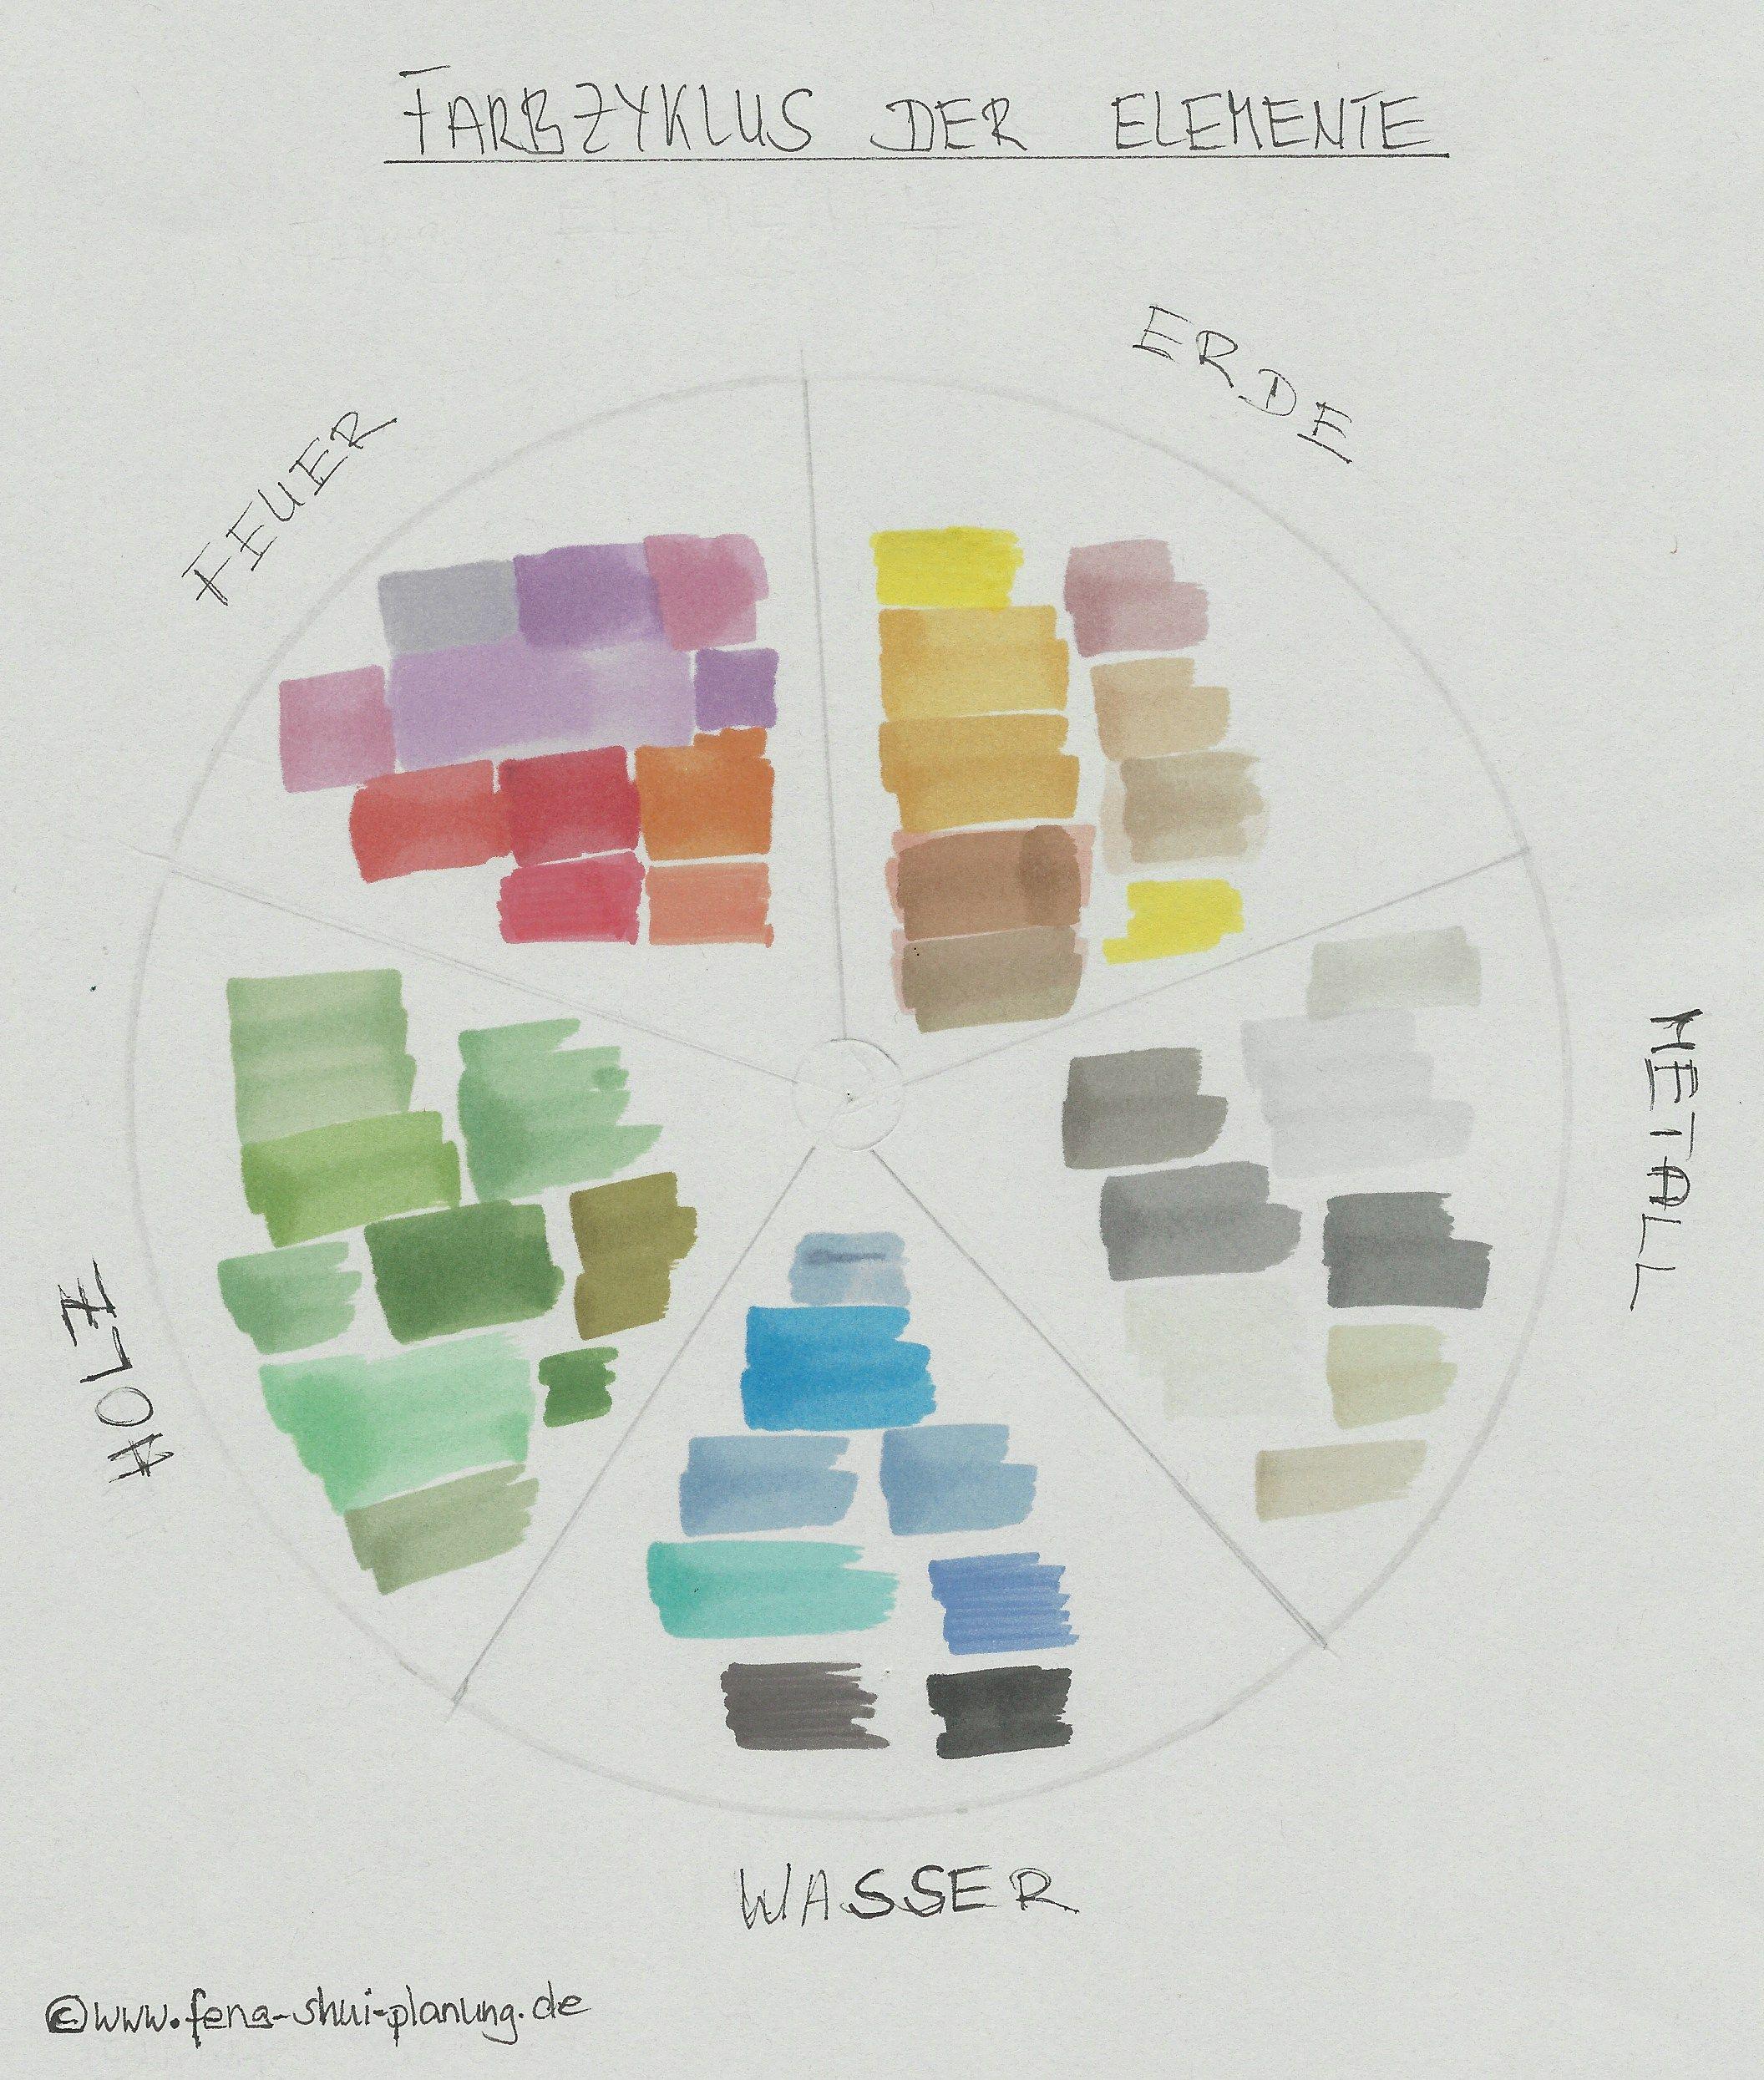 Feng Shui Schlafzimmer Farben: Farben Der 5 Elemente